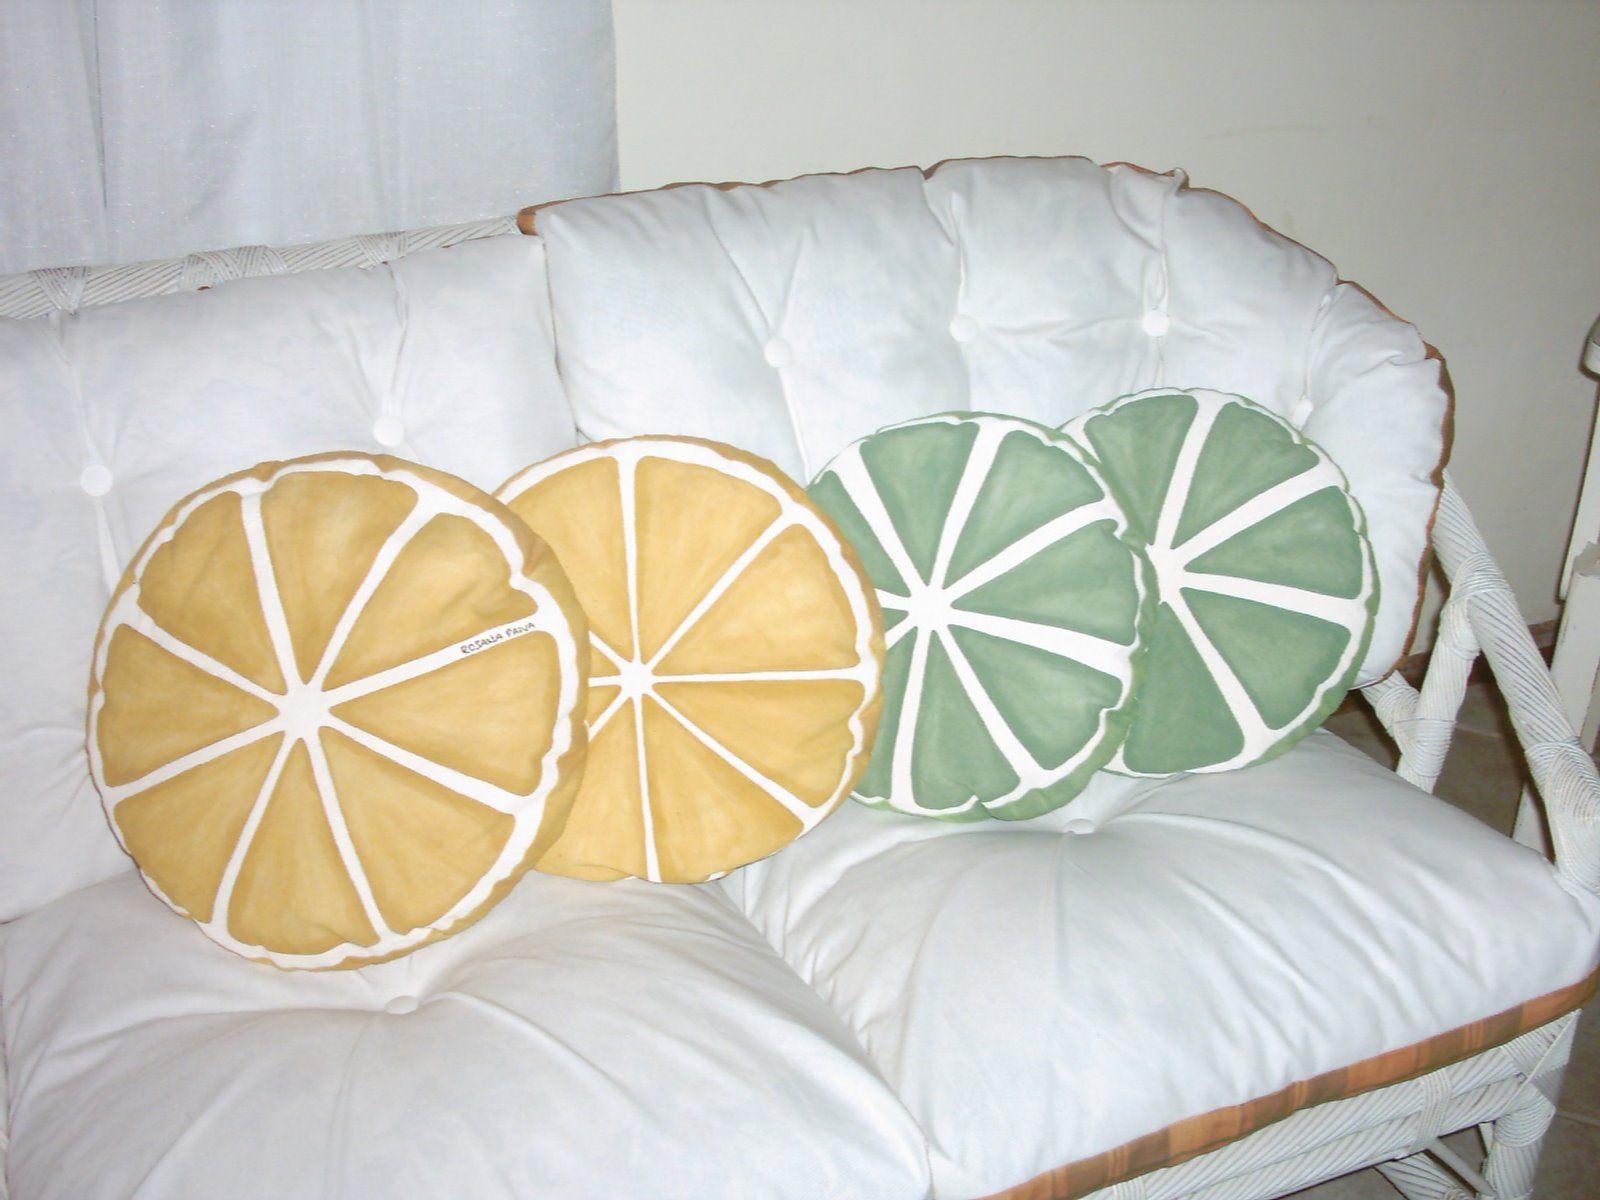 Almofadas laranjas e limões